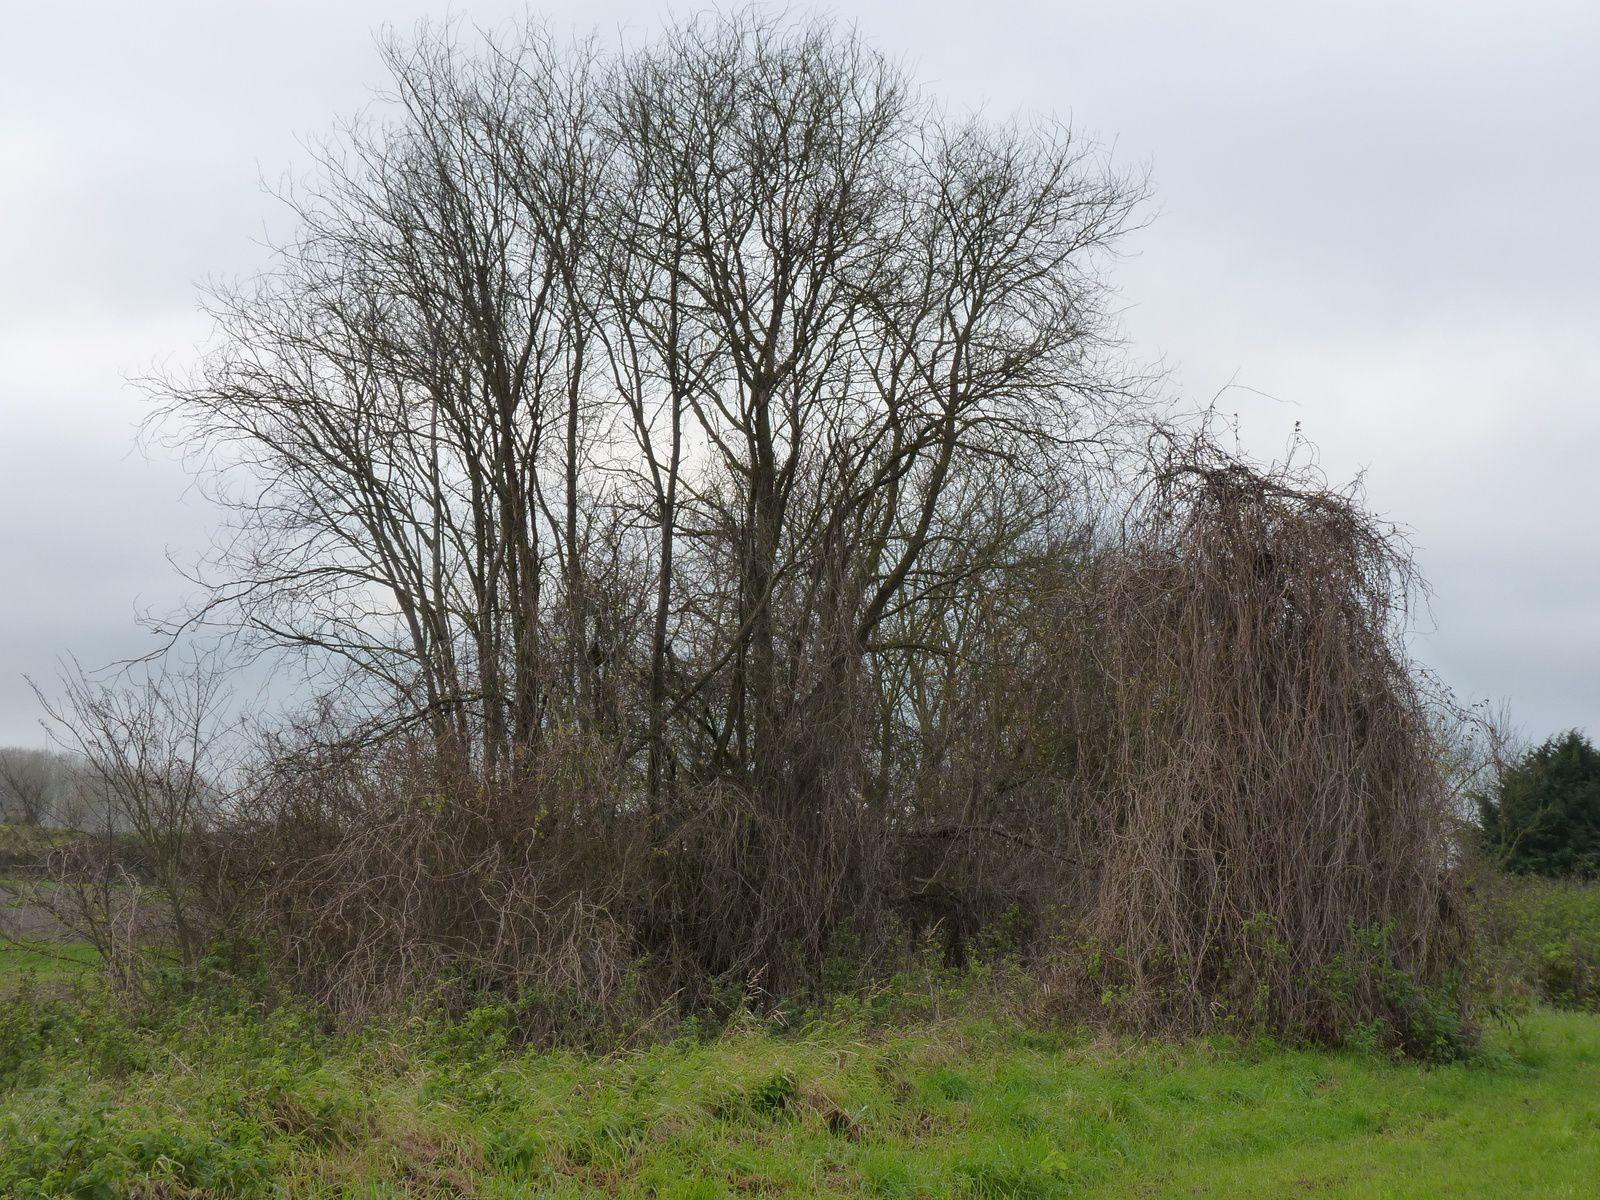 Photos prises sur la commune de Eppeville